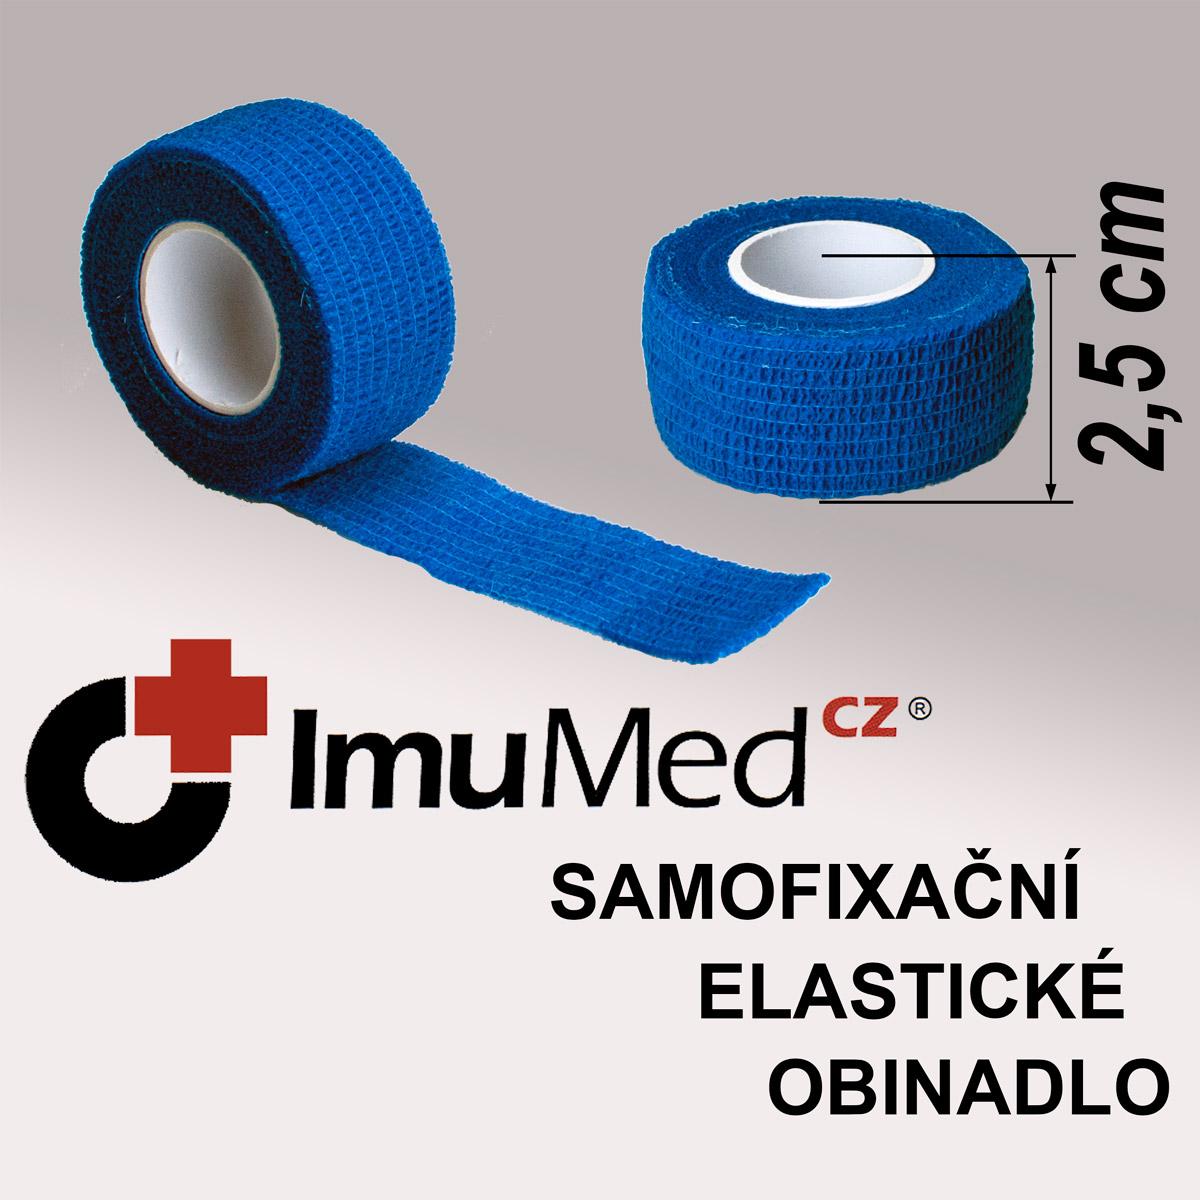 ImuMedCZ samofixační elastické obinadlo 2,5 cm x 4,5 m MODRÁ barva ImuMedCZ samodržící elastické obinadlo 2,5 cm x 4,5 m MODRÁ barva